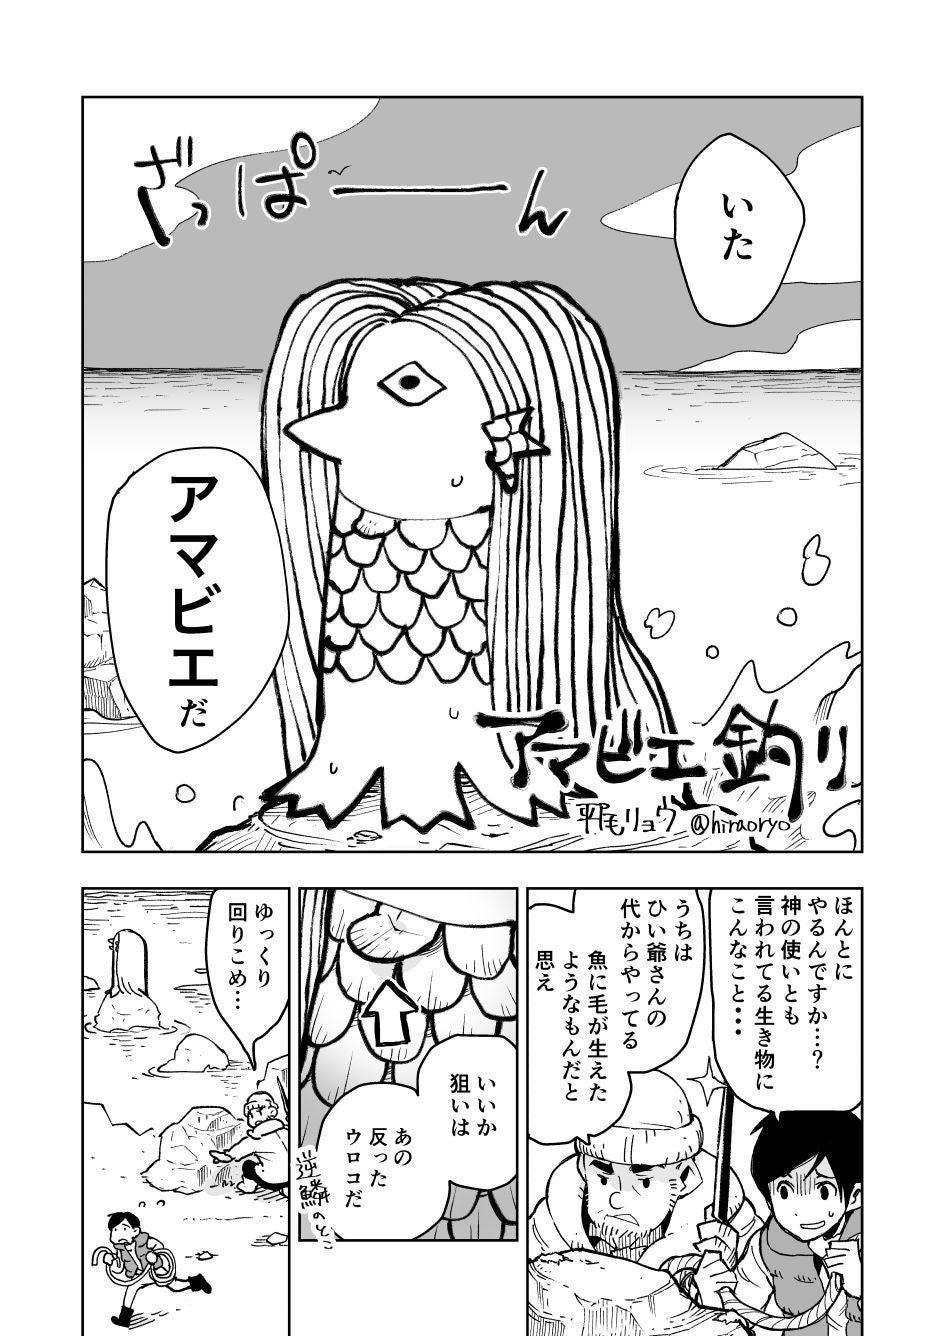 _クリスタ_落書き_勉強_出力_020